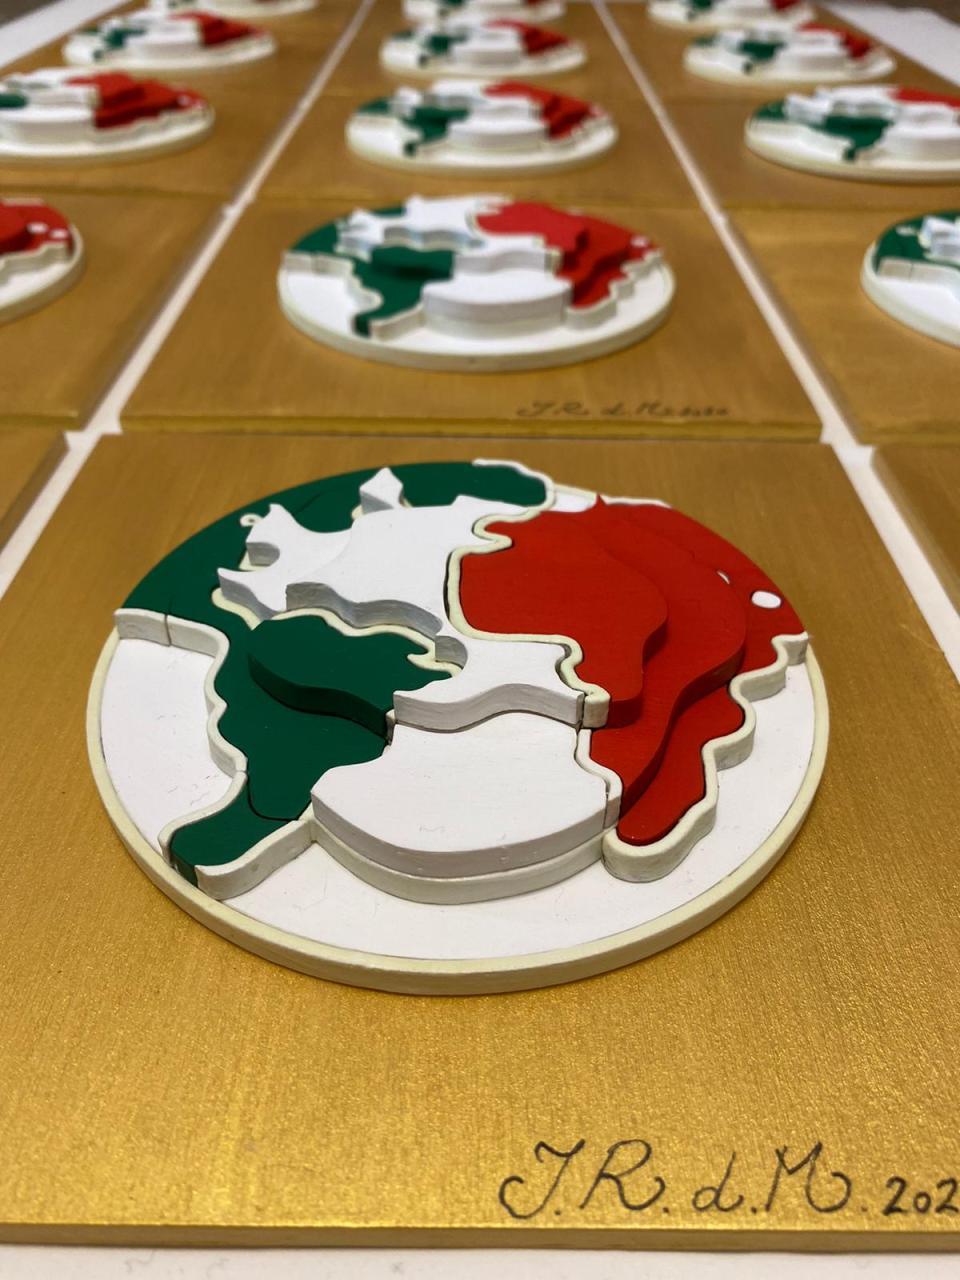 Festival Italia in the World